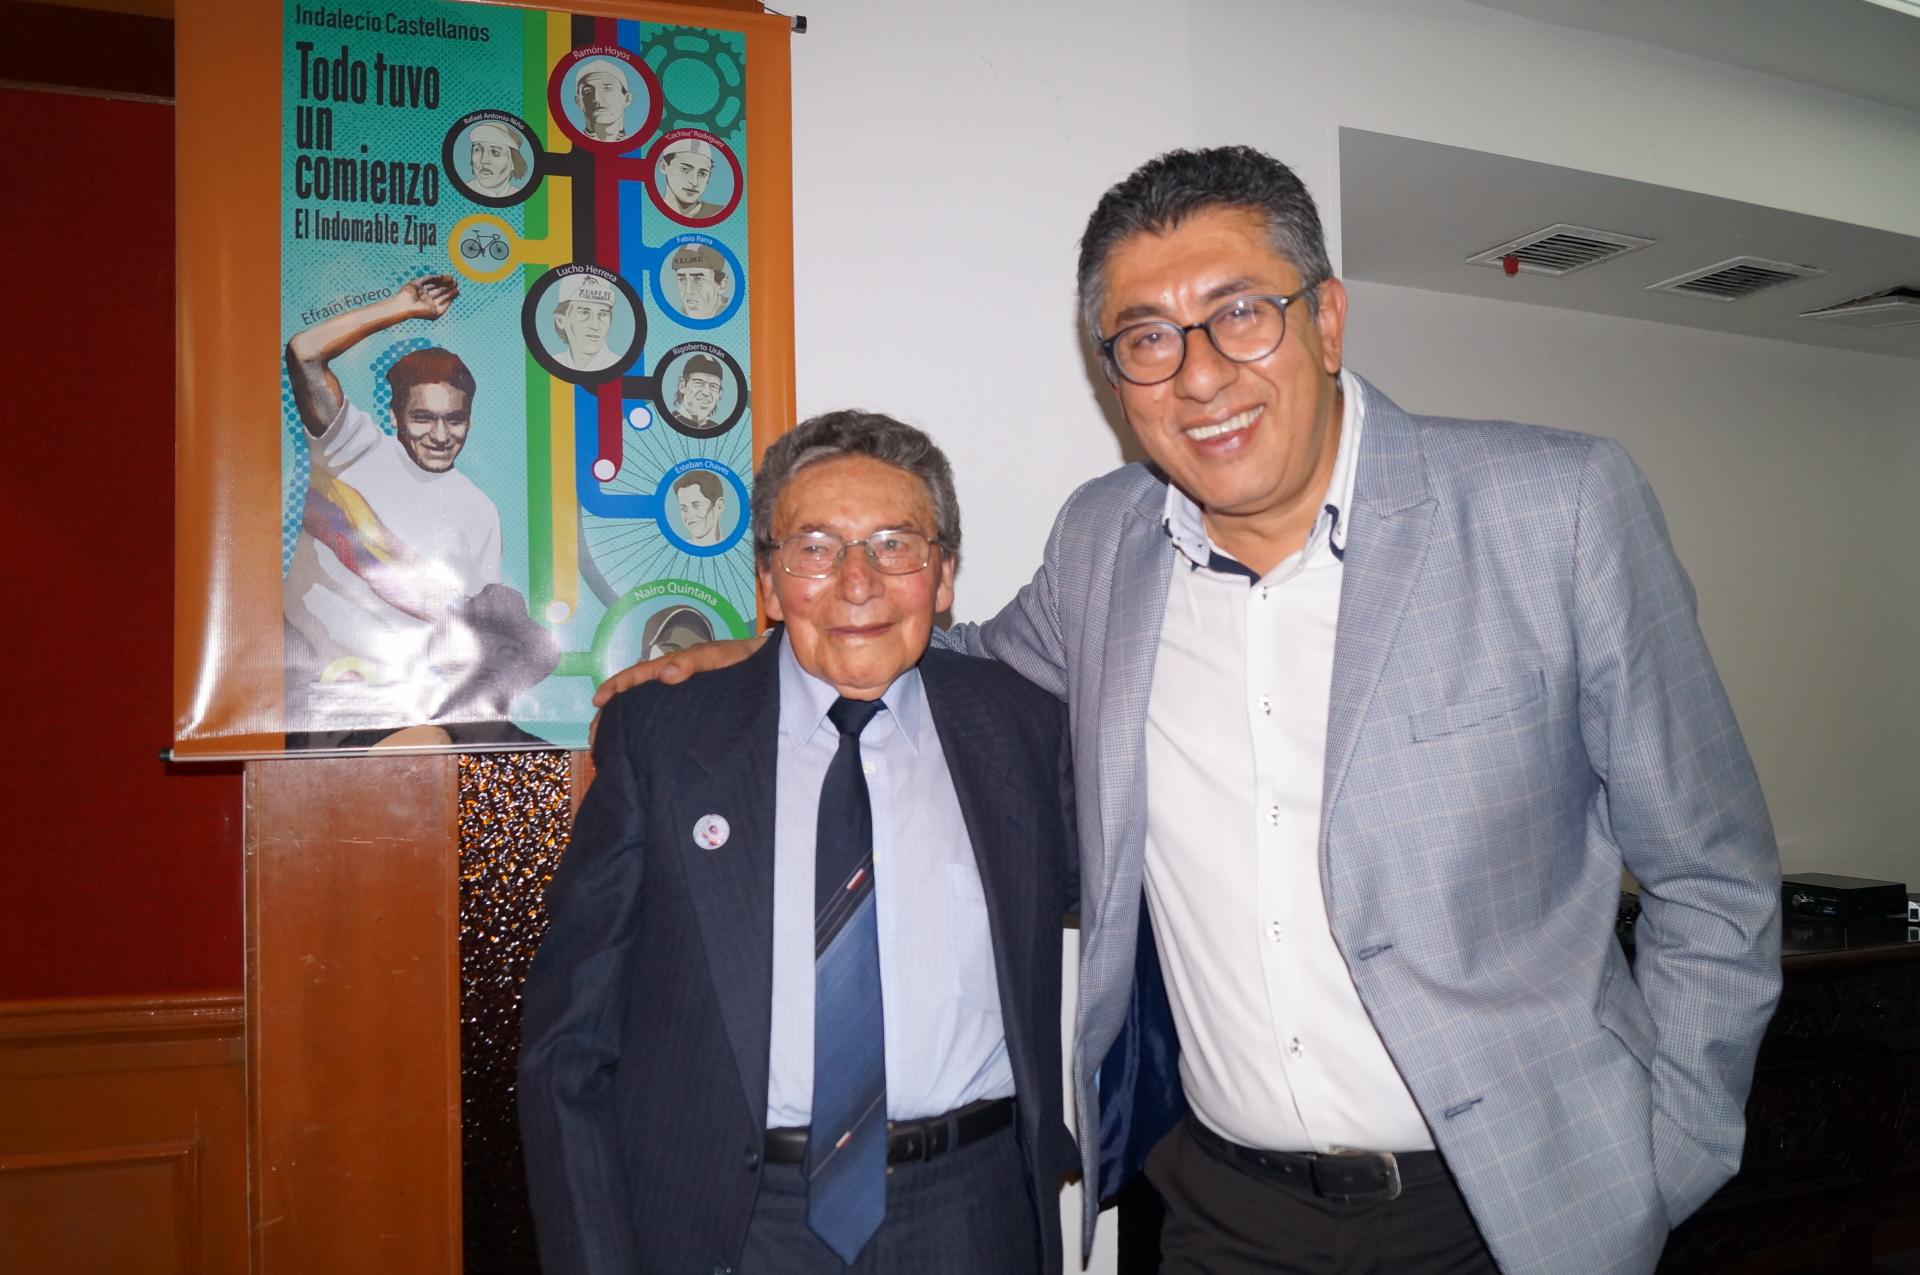 Efraín Forero e Indalecio Castellanos en el lanzamiento del libro